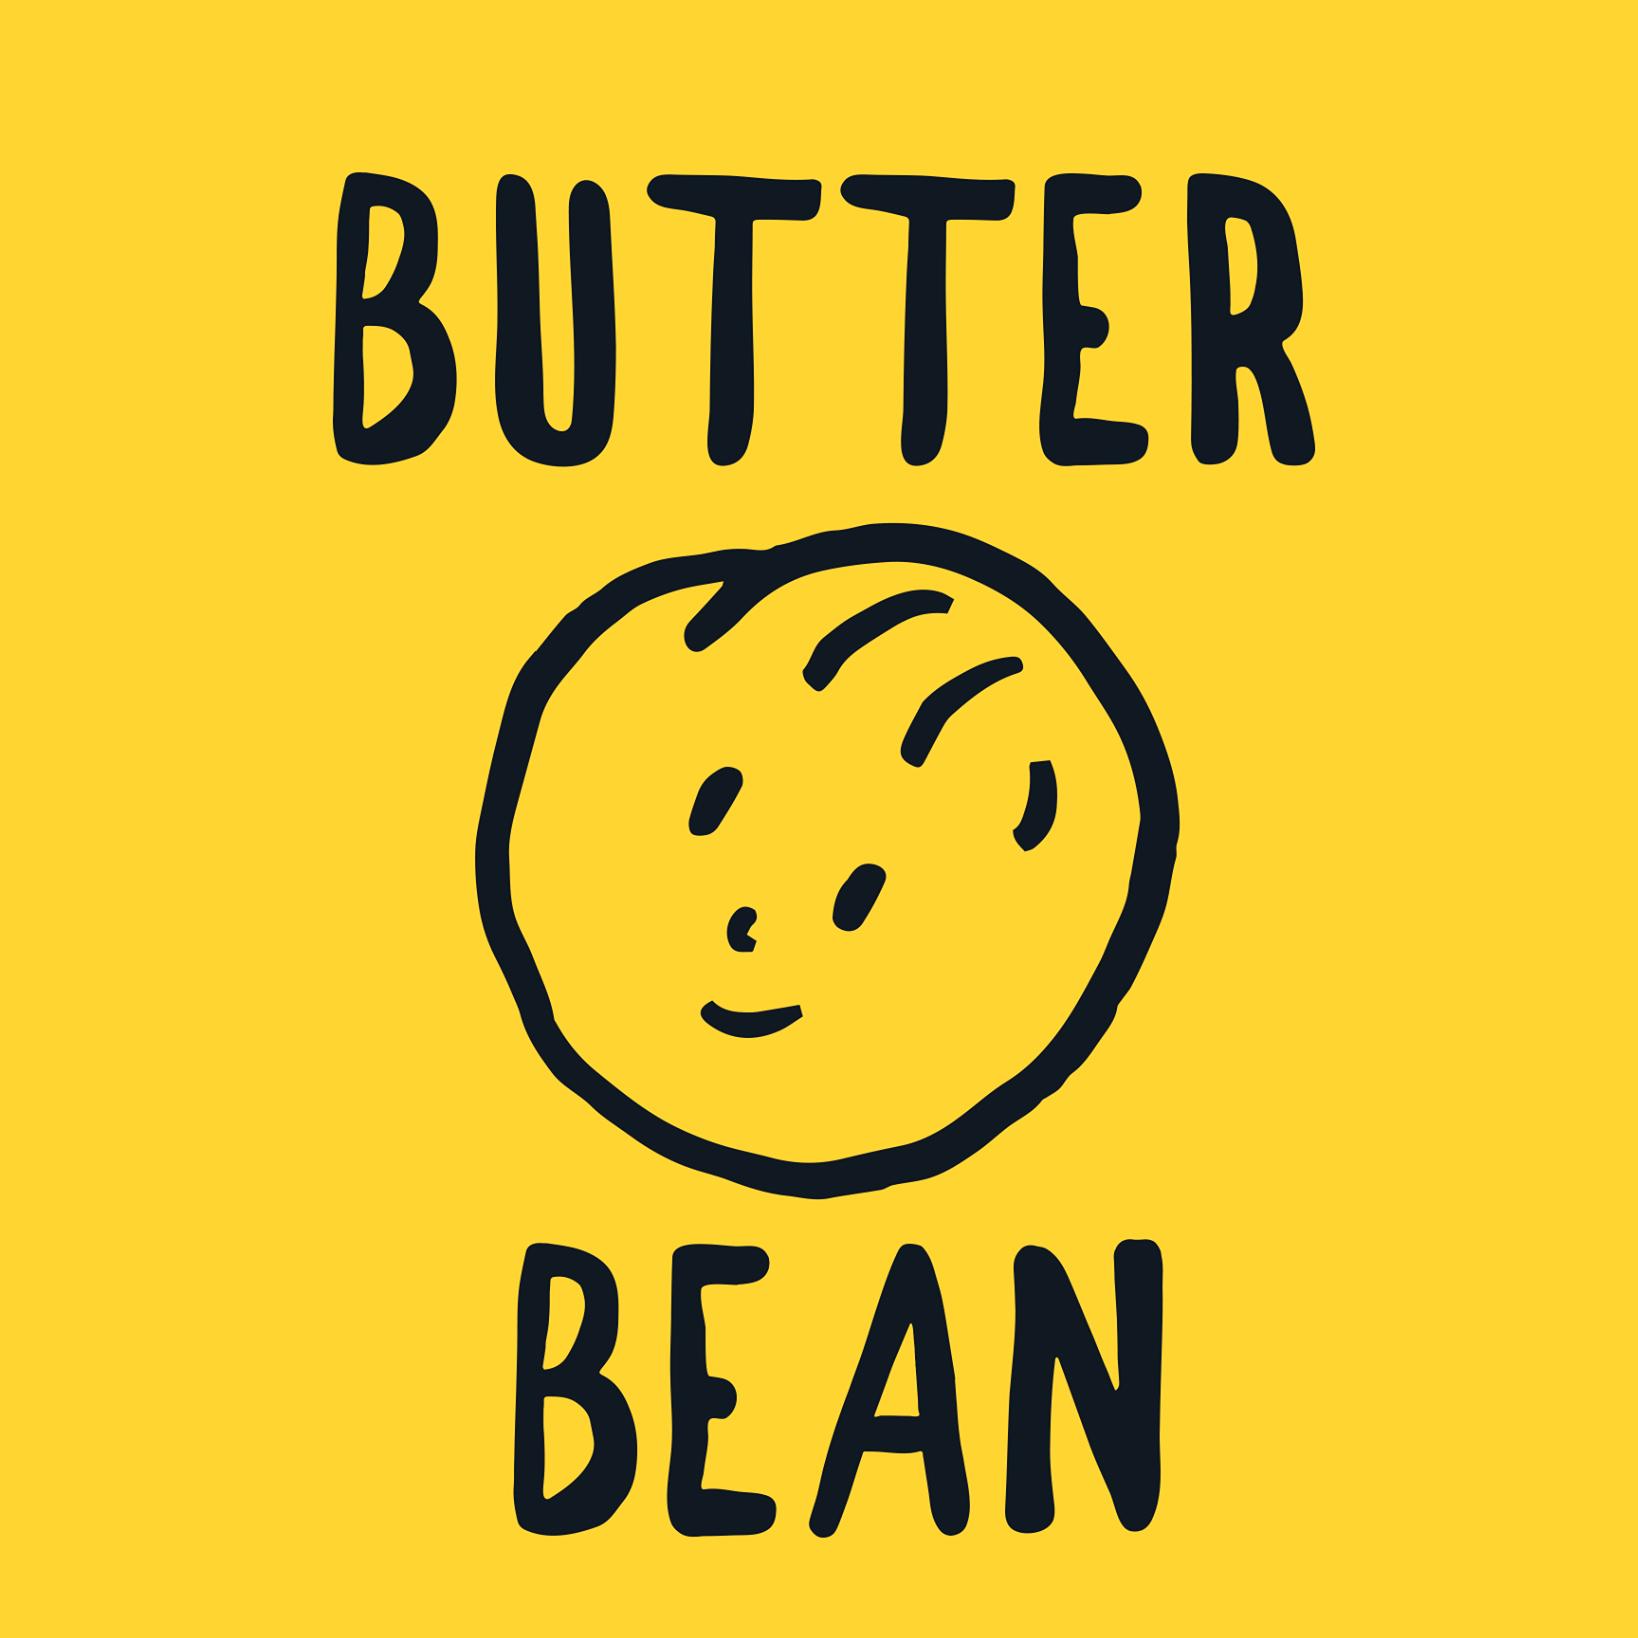 butter bean logo